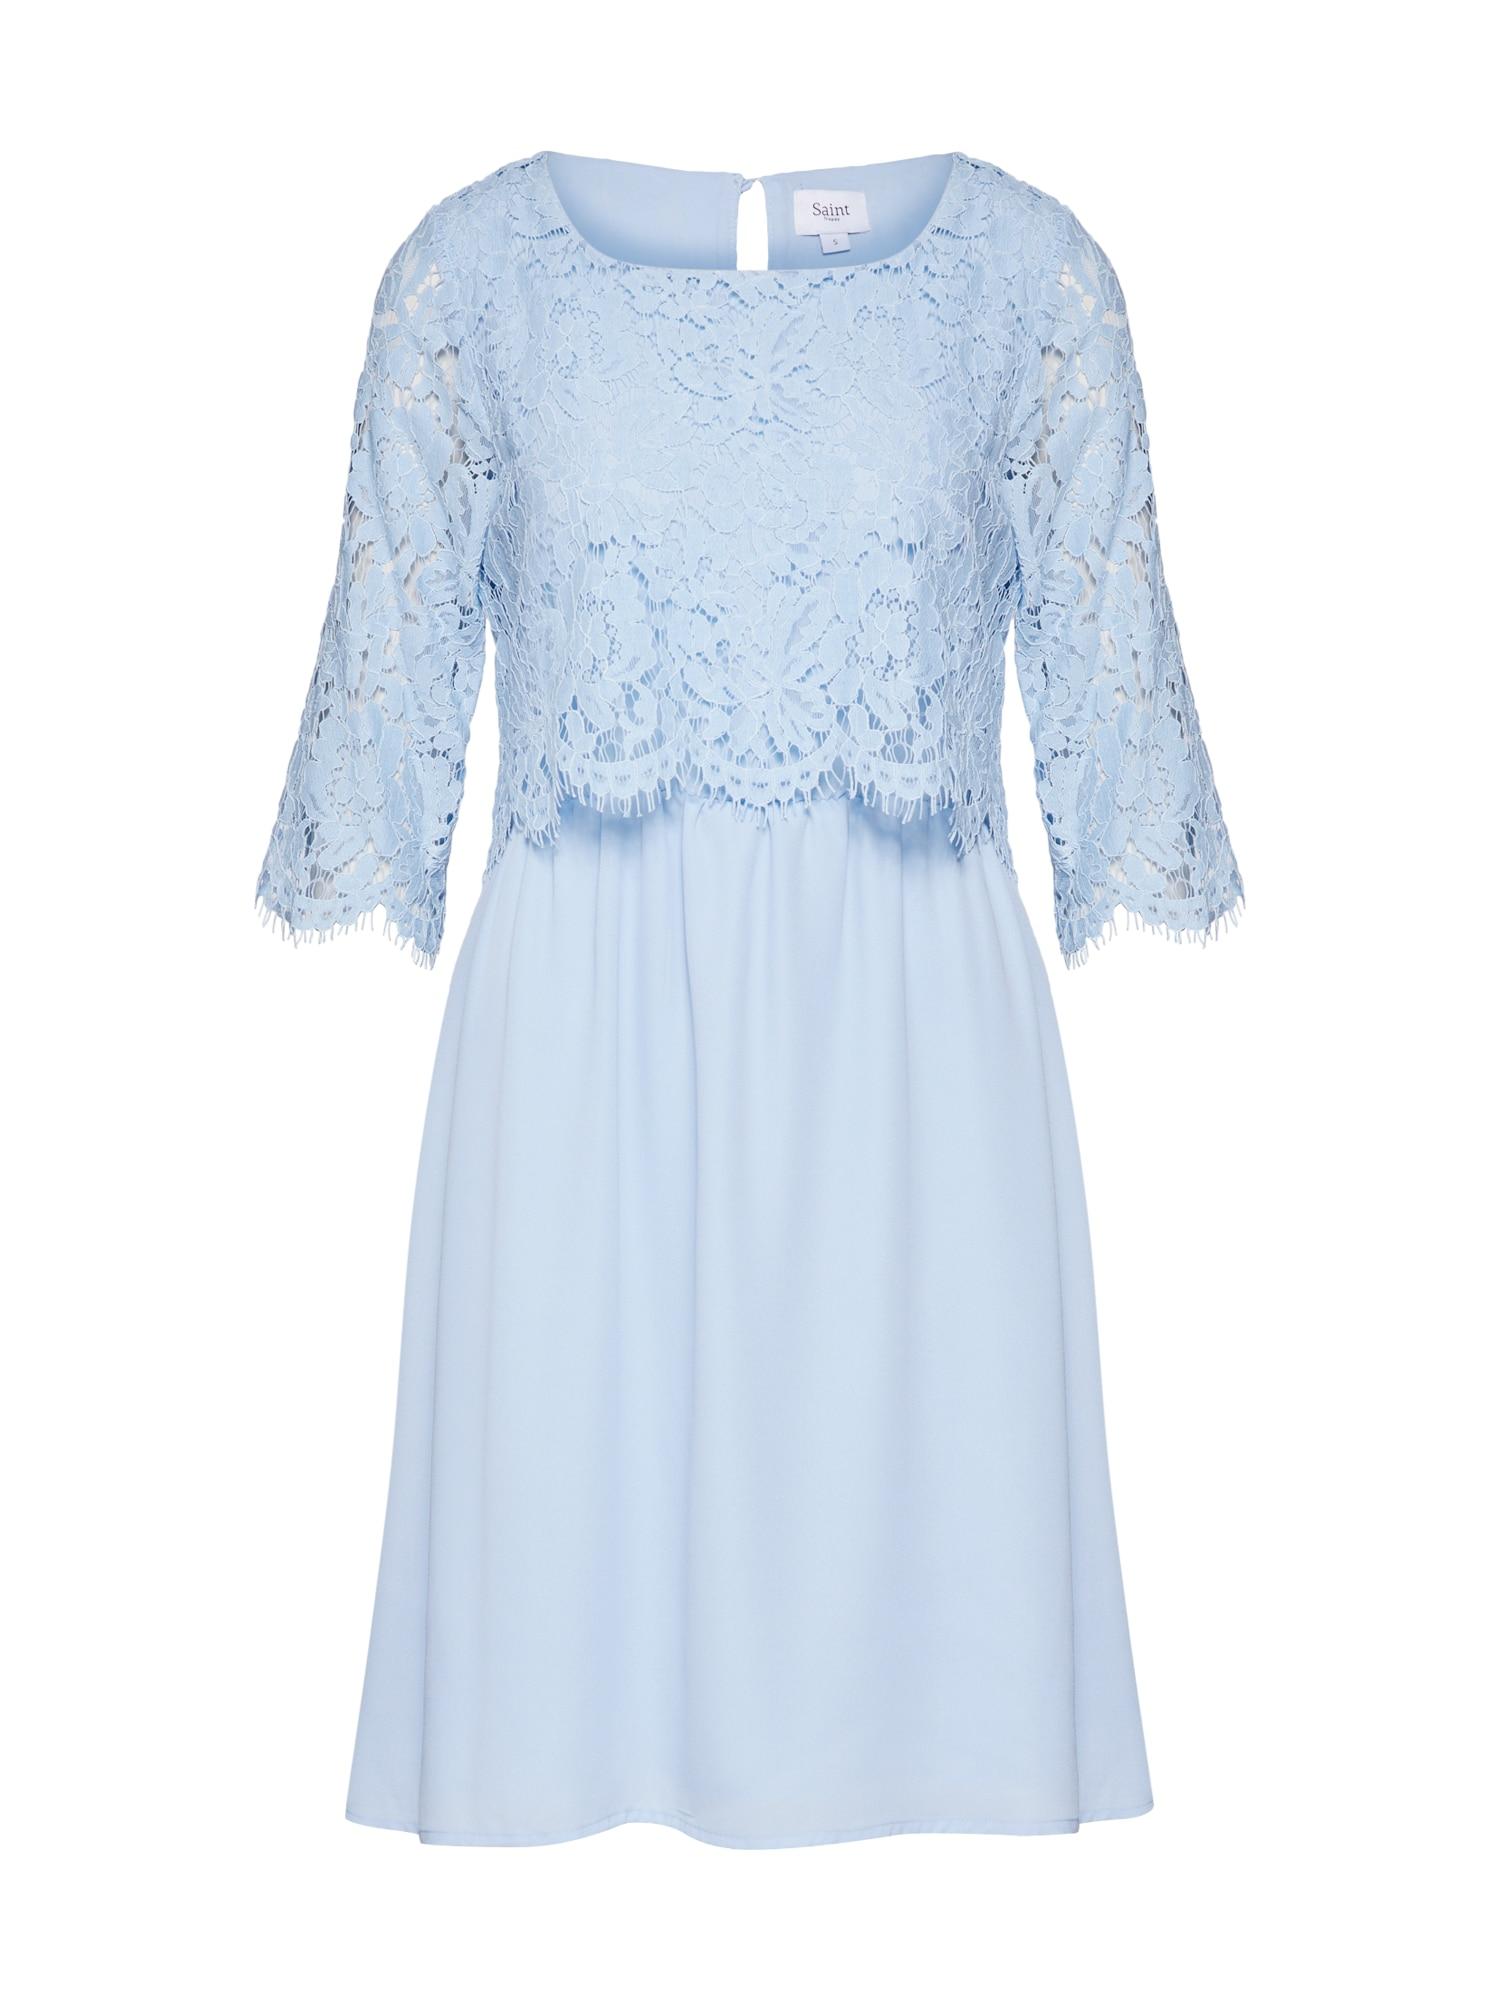 Šaty modrá světlemodrá SAINT TROPEZ